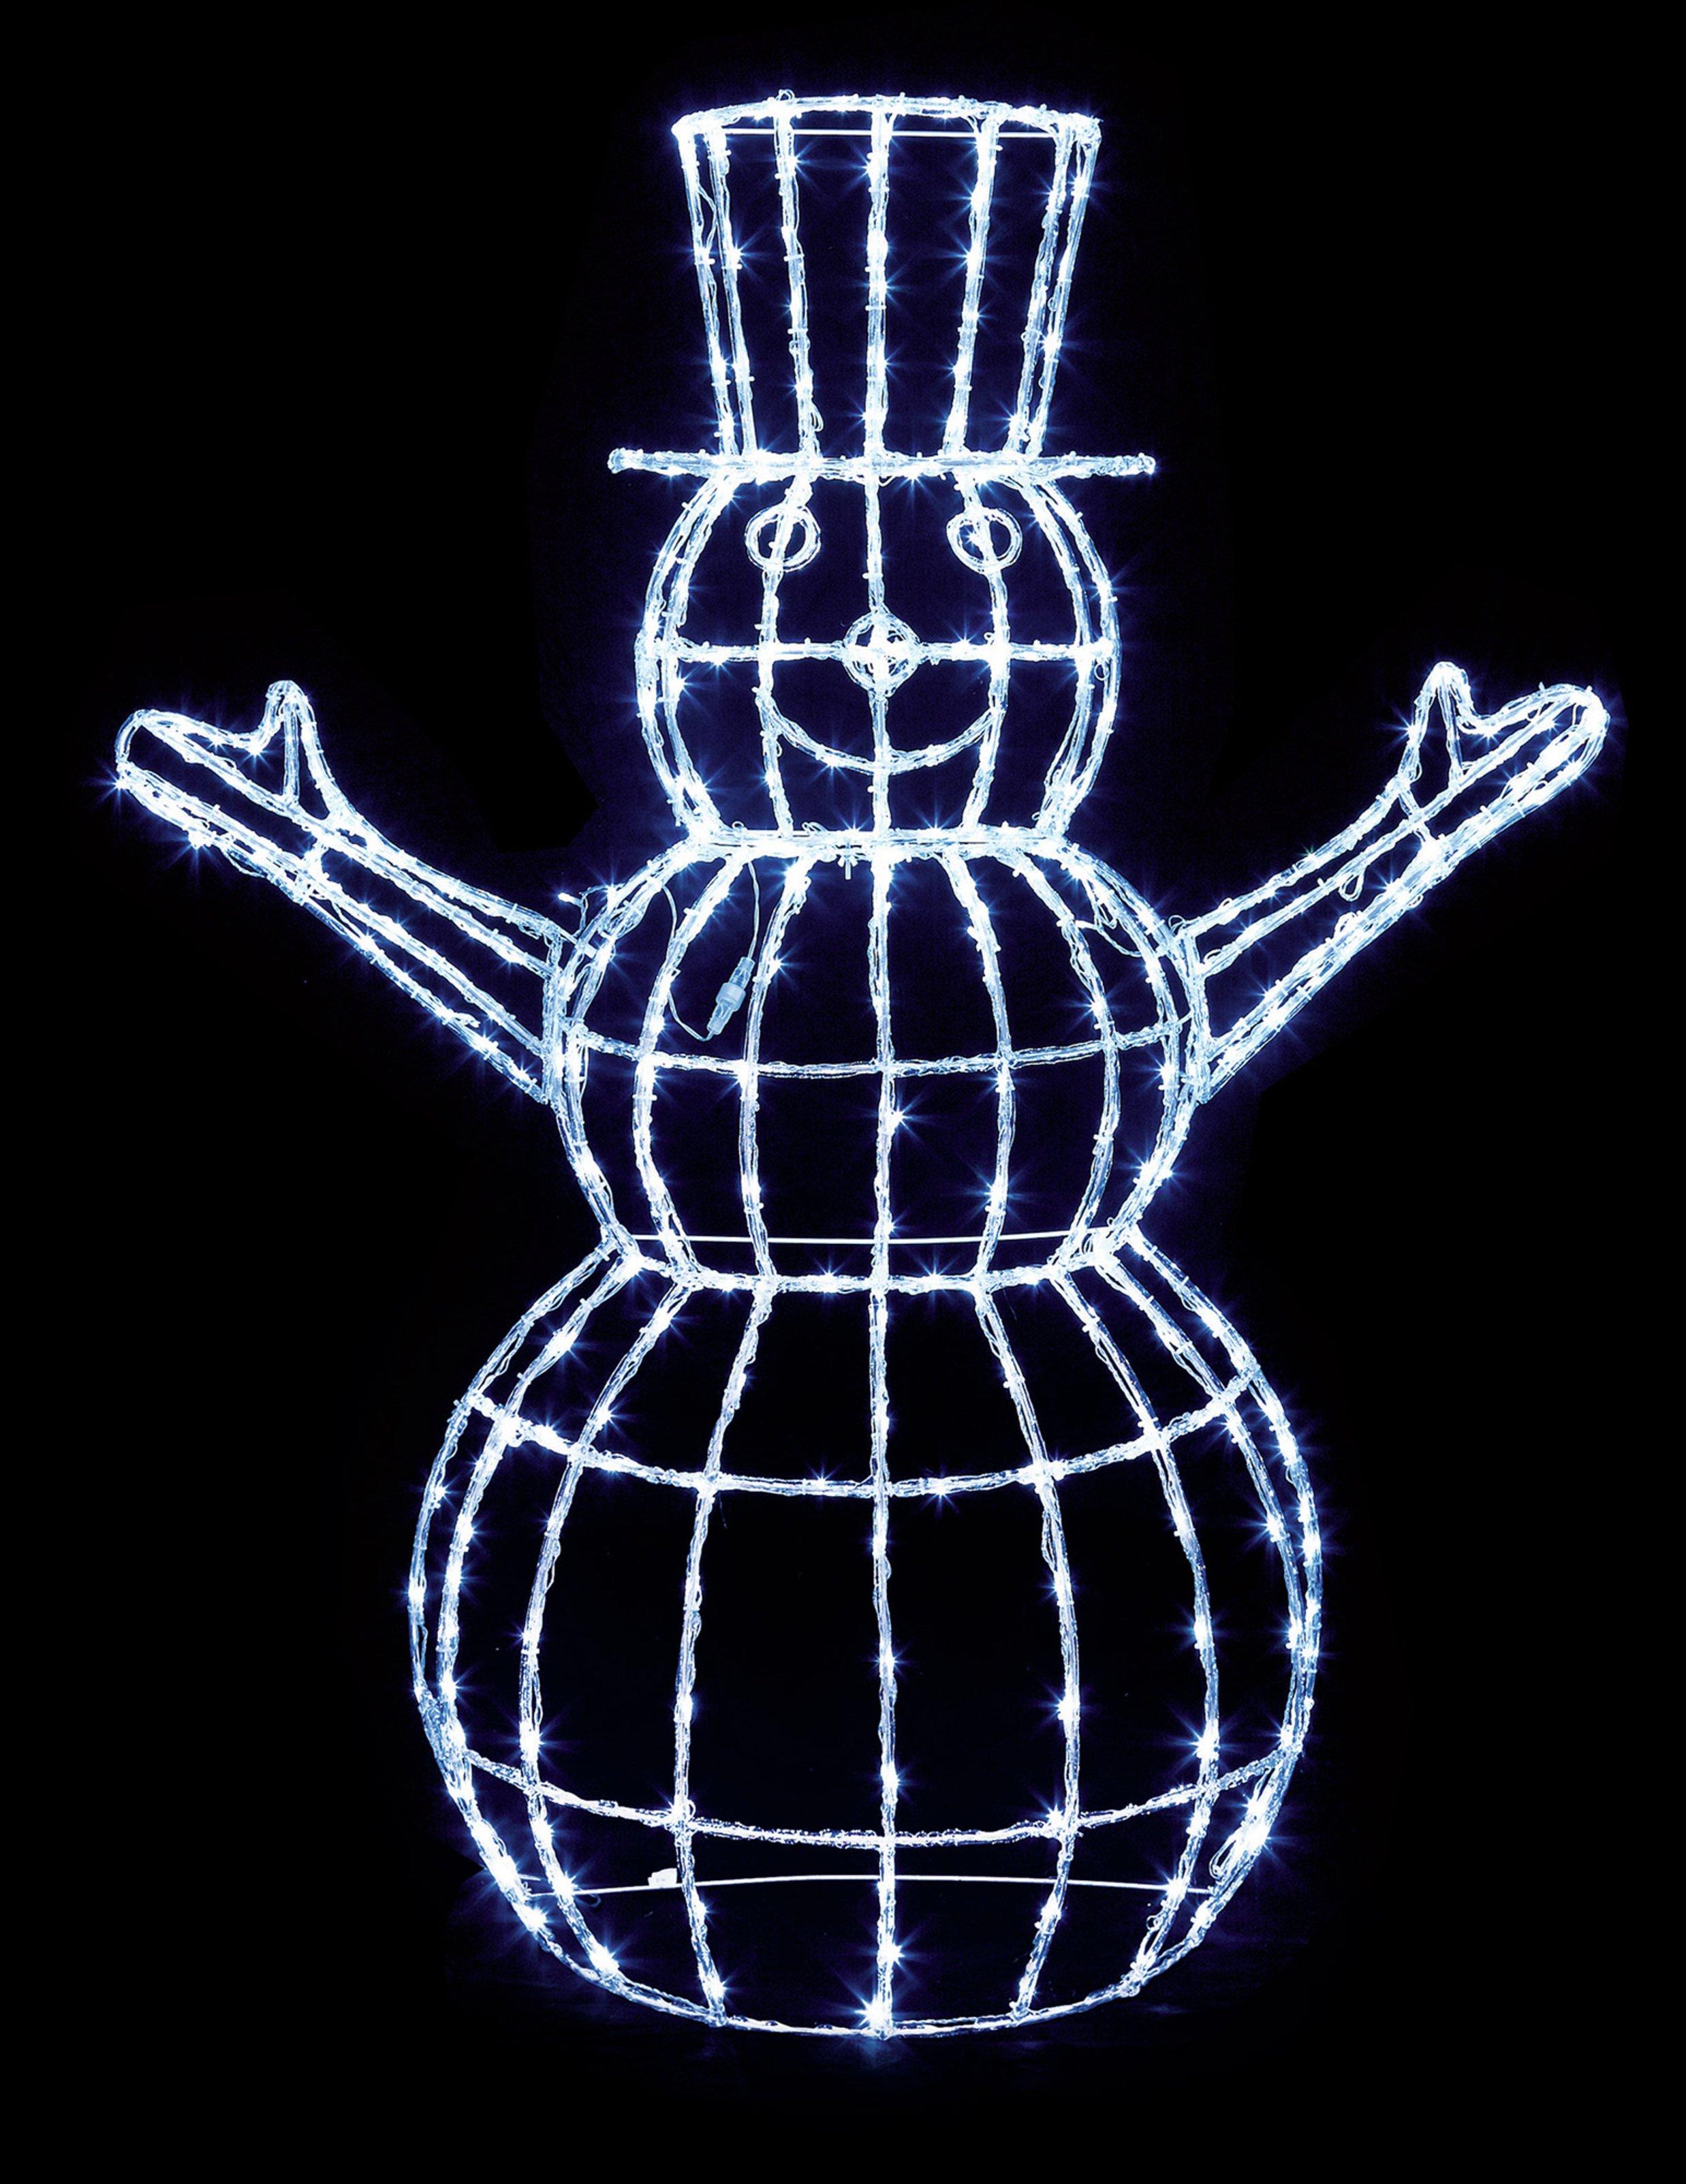 premier-decorations-15-metre-acrylic-led-snowman-white